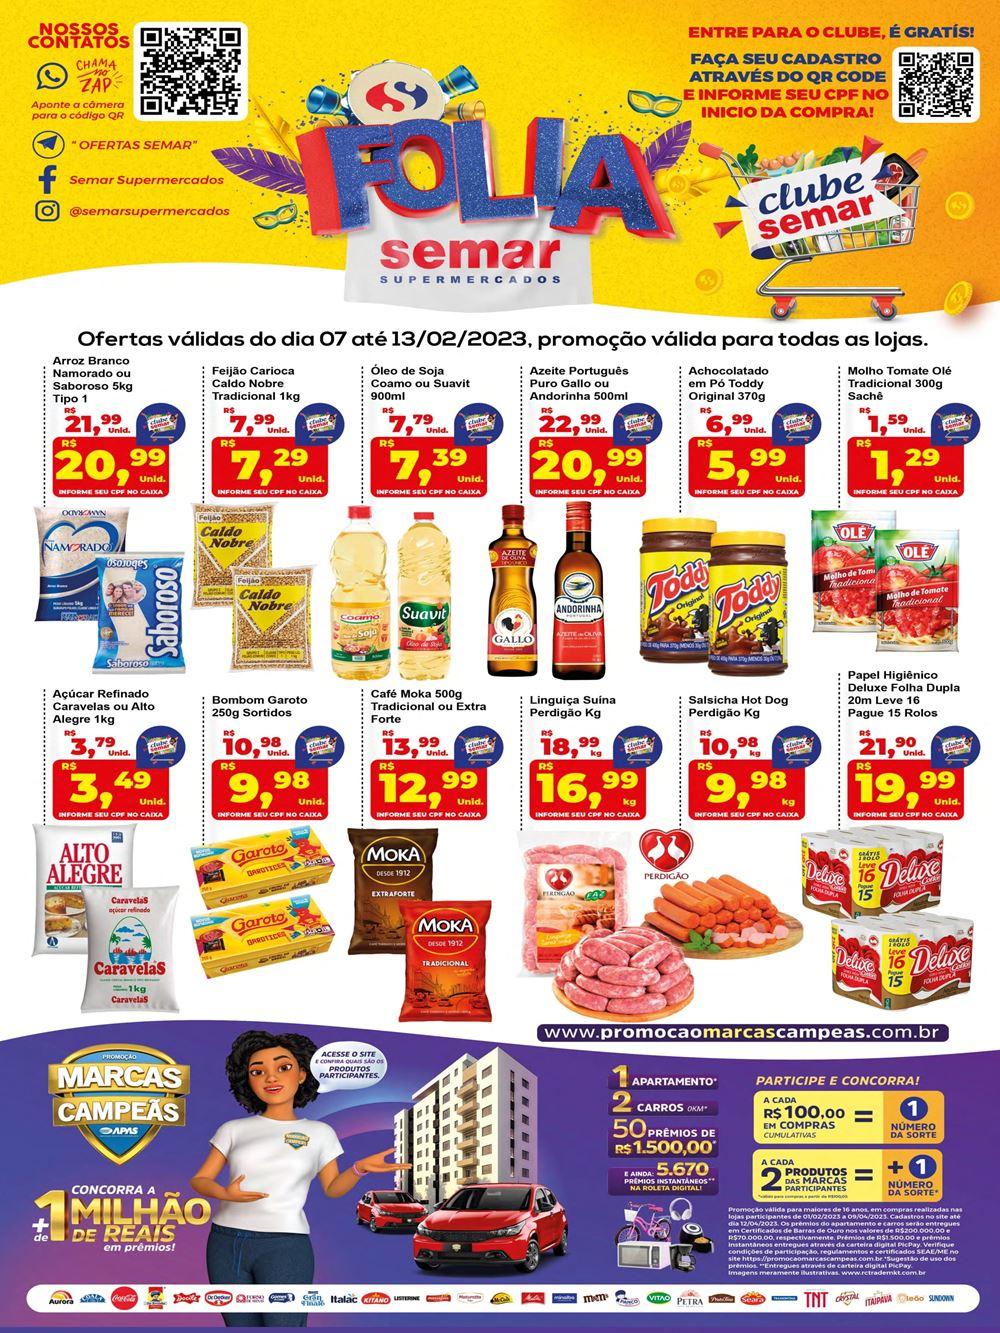 semar-ofertas-descontos-hoje1-45 Ofertas de supermercados